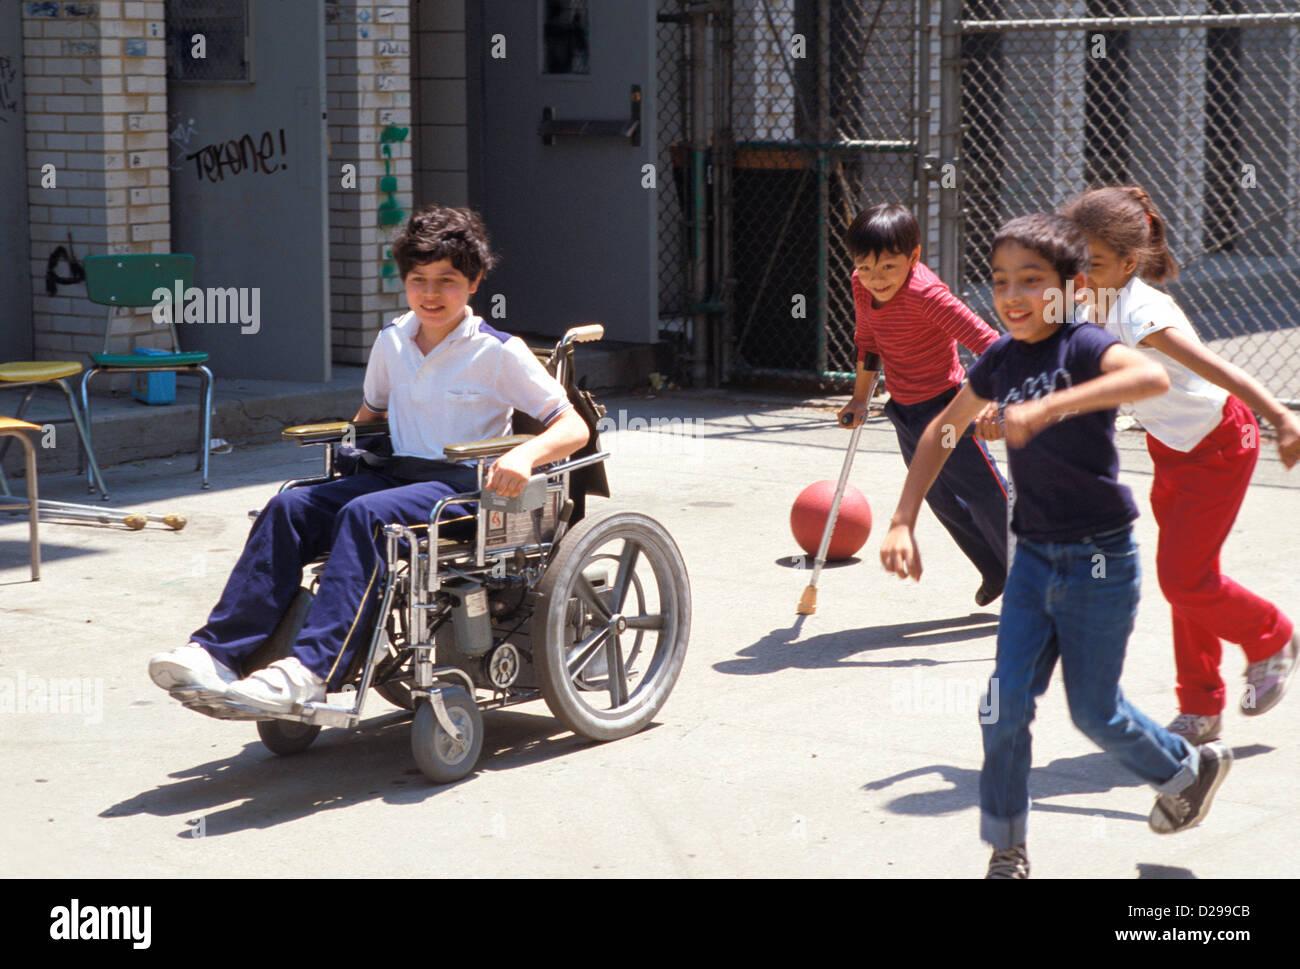 Niños discapacitados en silla de ruedas jugando con otros